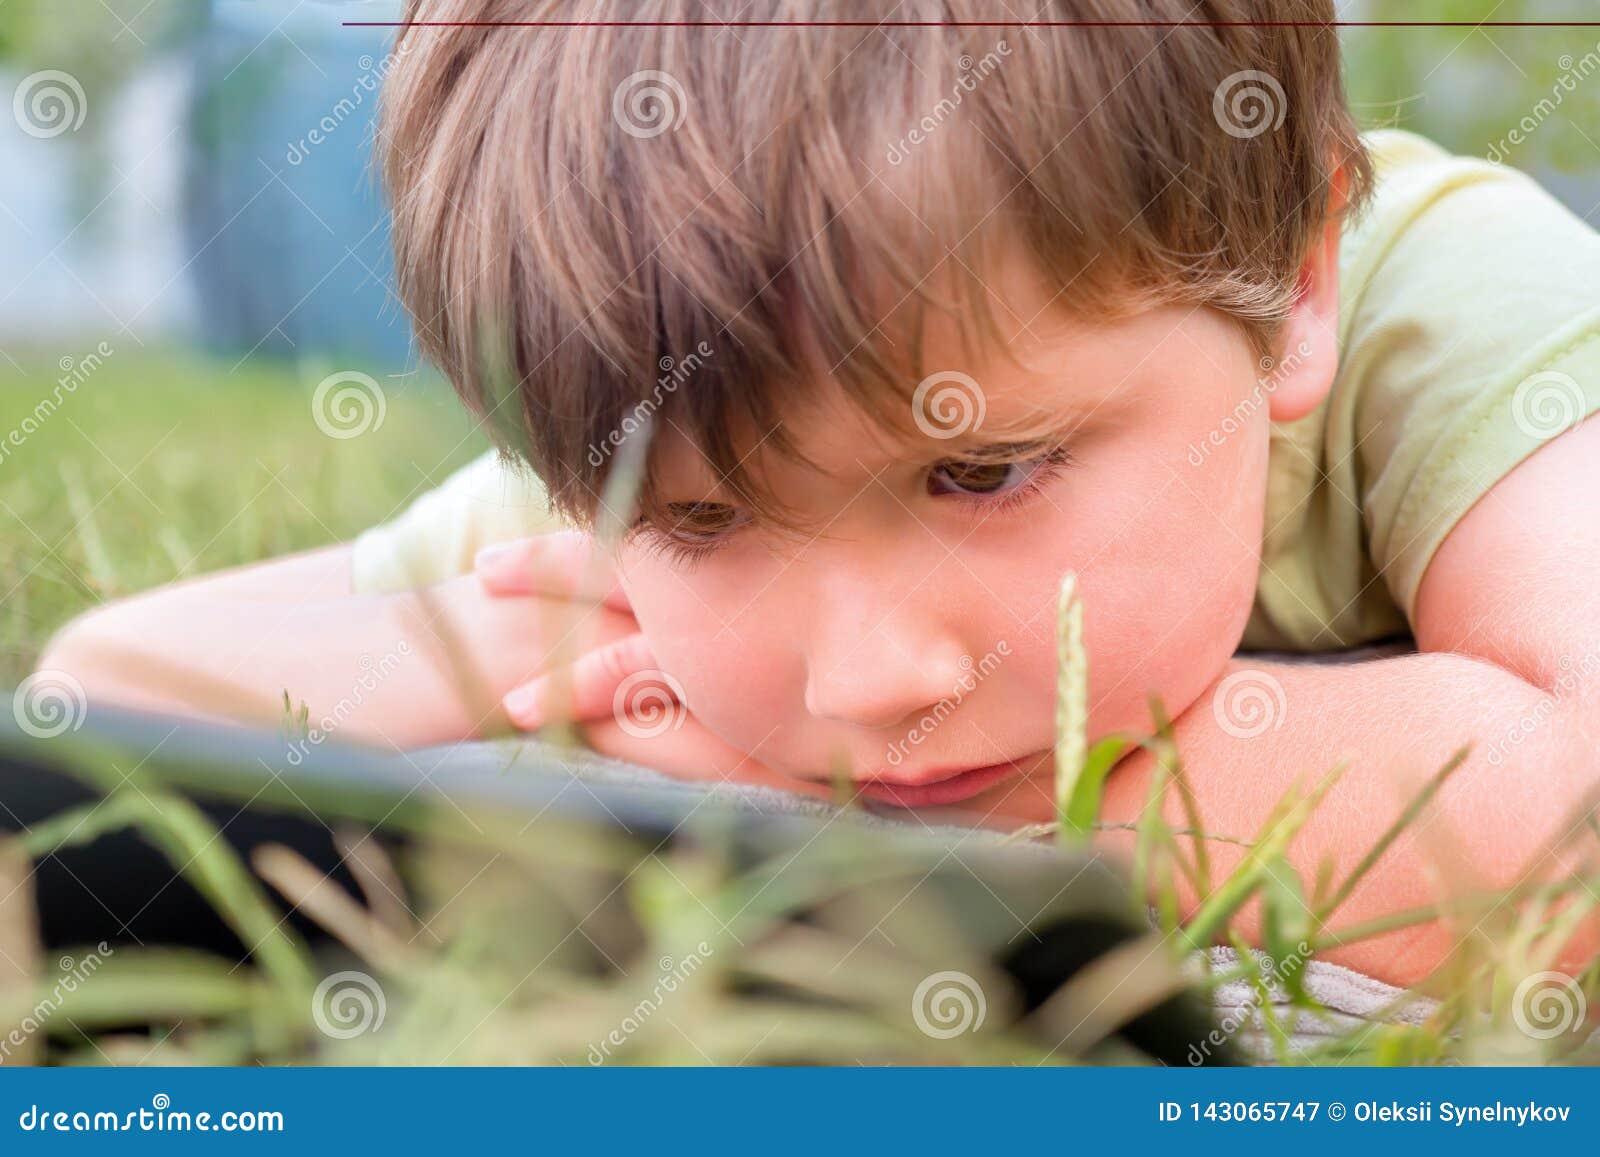 Dziecko z ipad na zielonej trawie Portret chłopiec z pastylką Oko problemy powodować używać pastylki zbyt dużo ręk opieki zdrowie